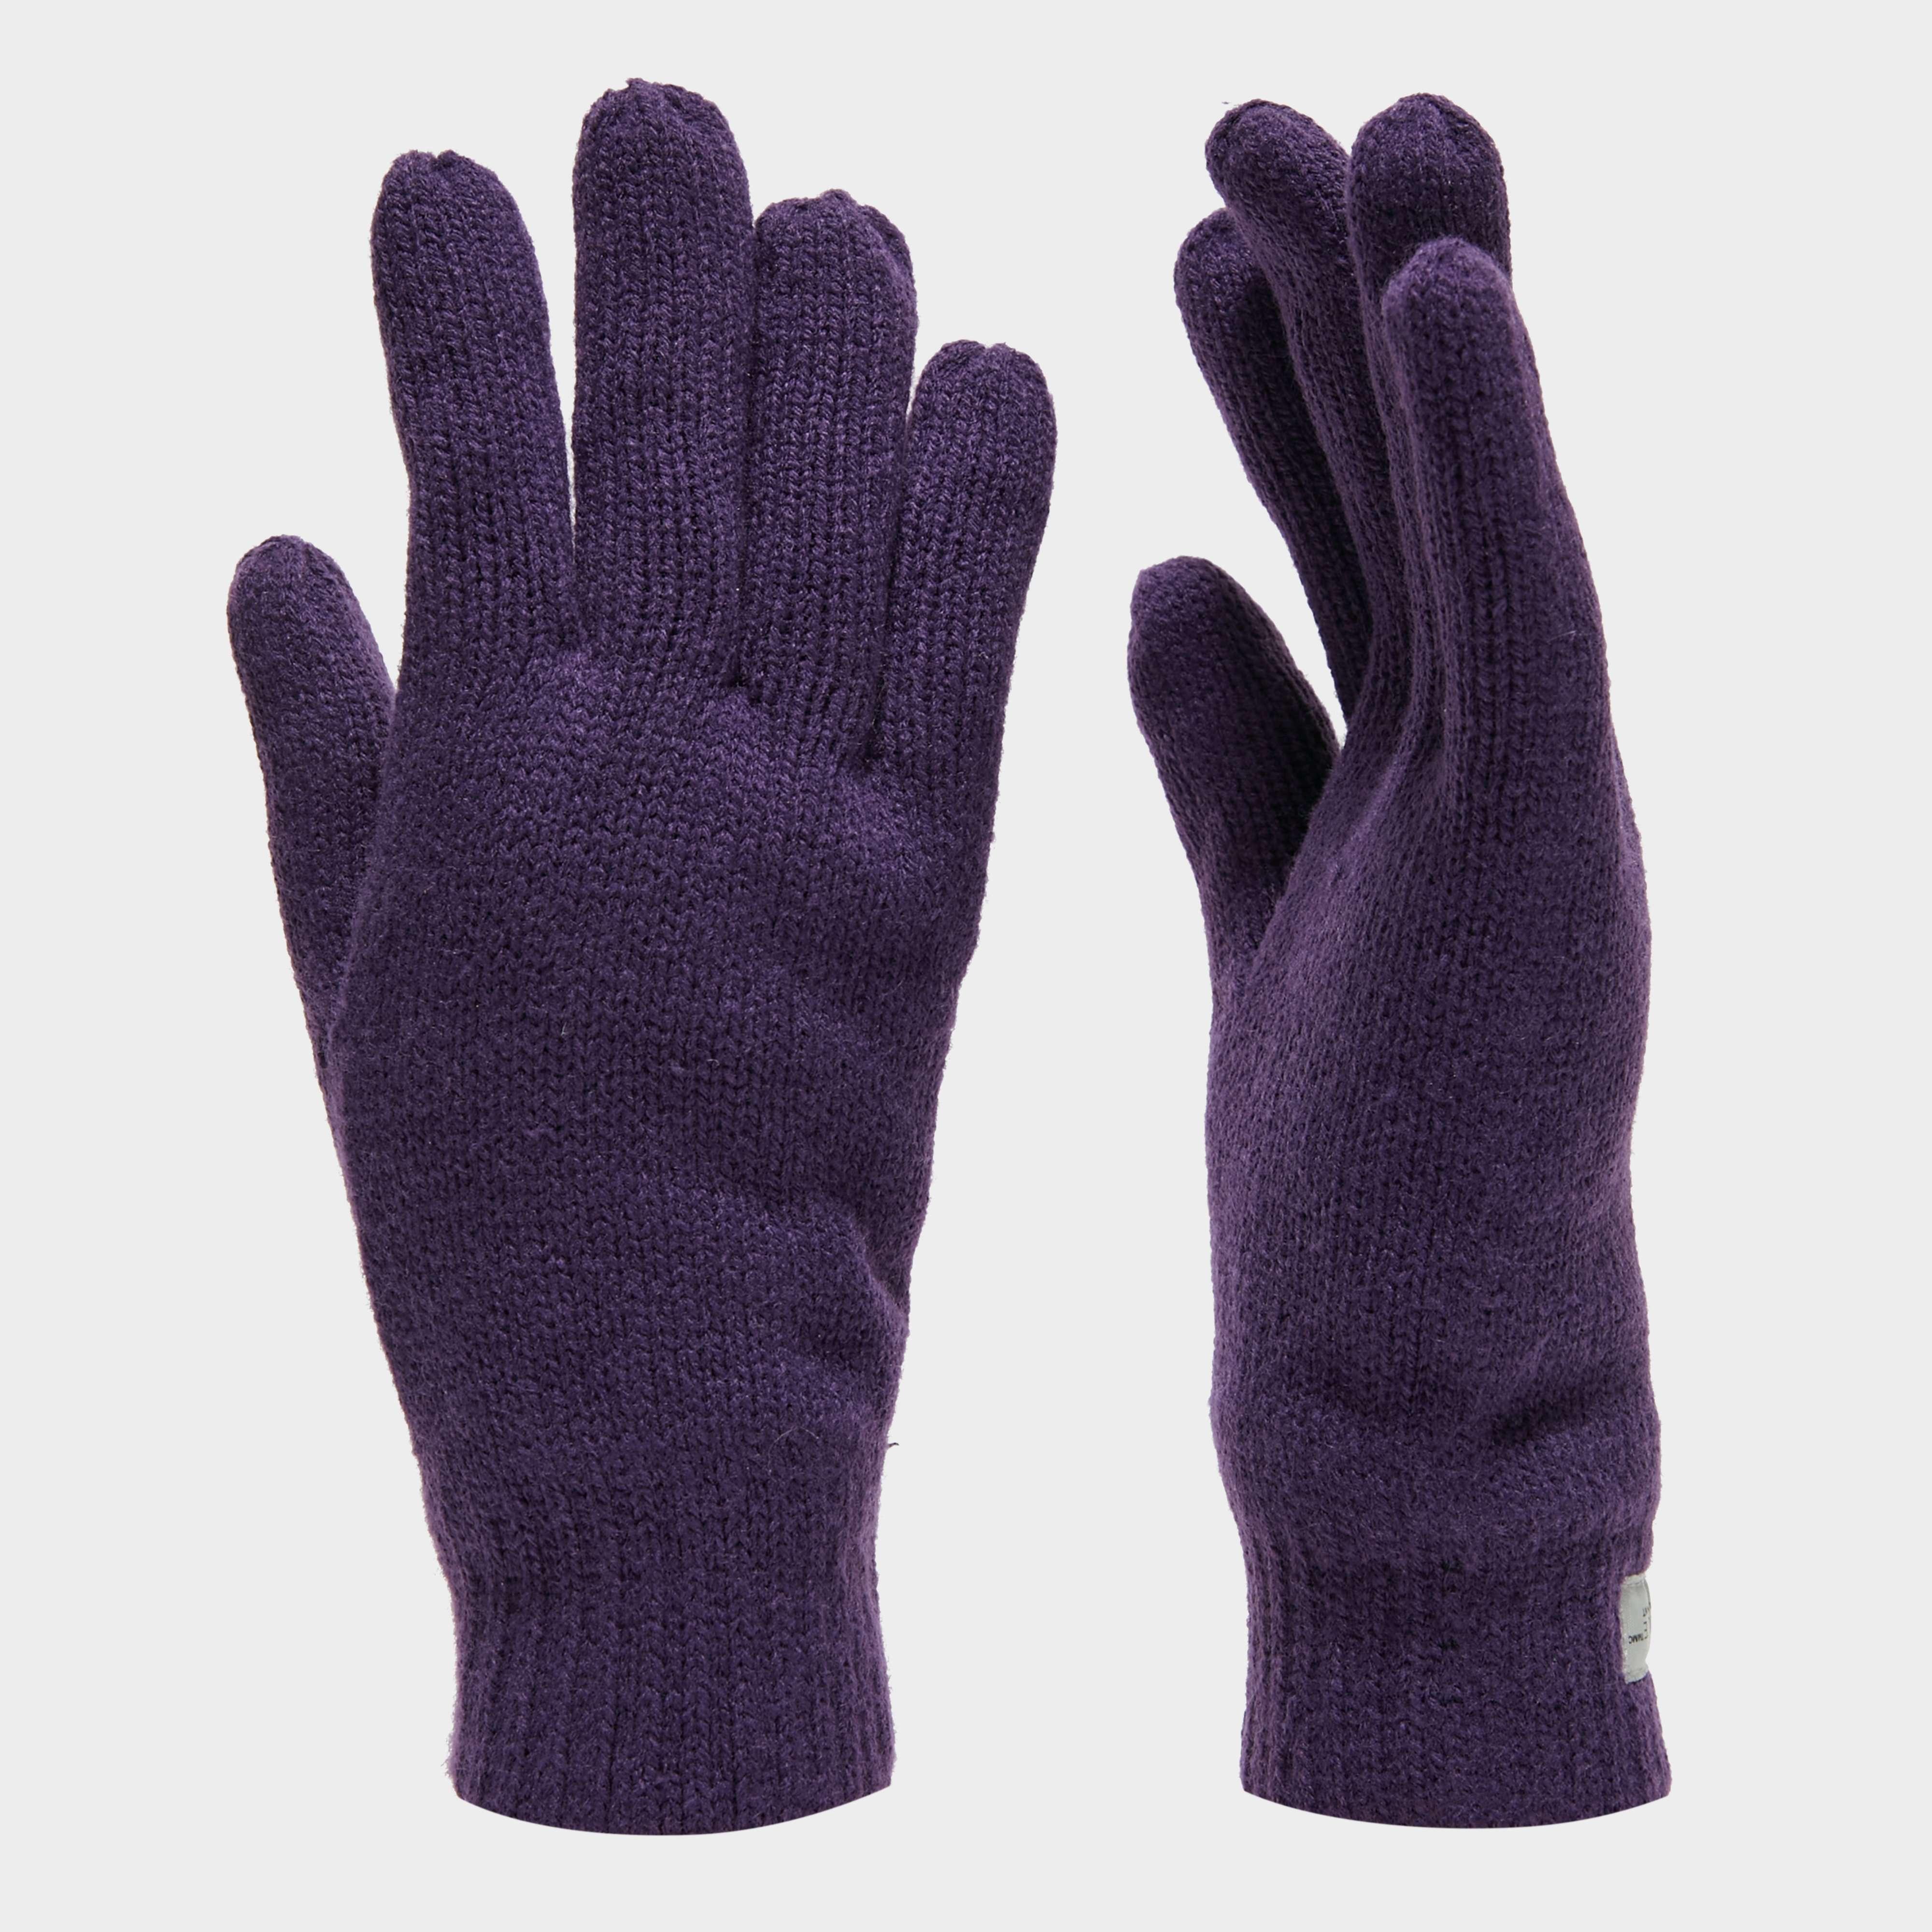 PETER STORM Thinsulate Knit Fleece Gloves